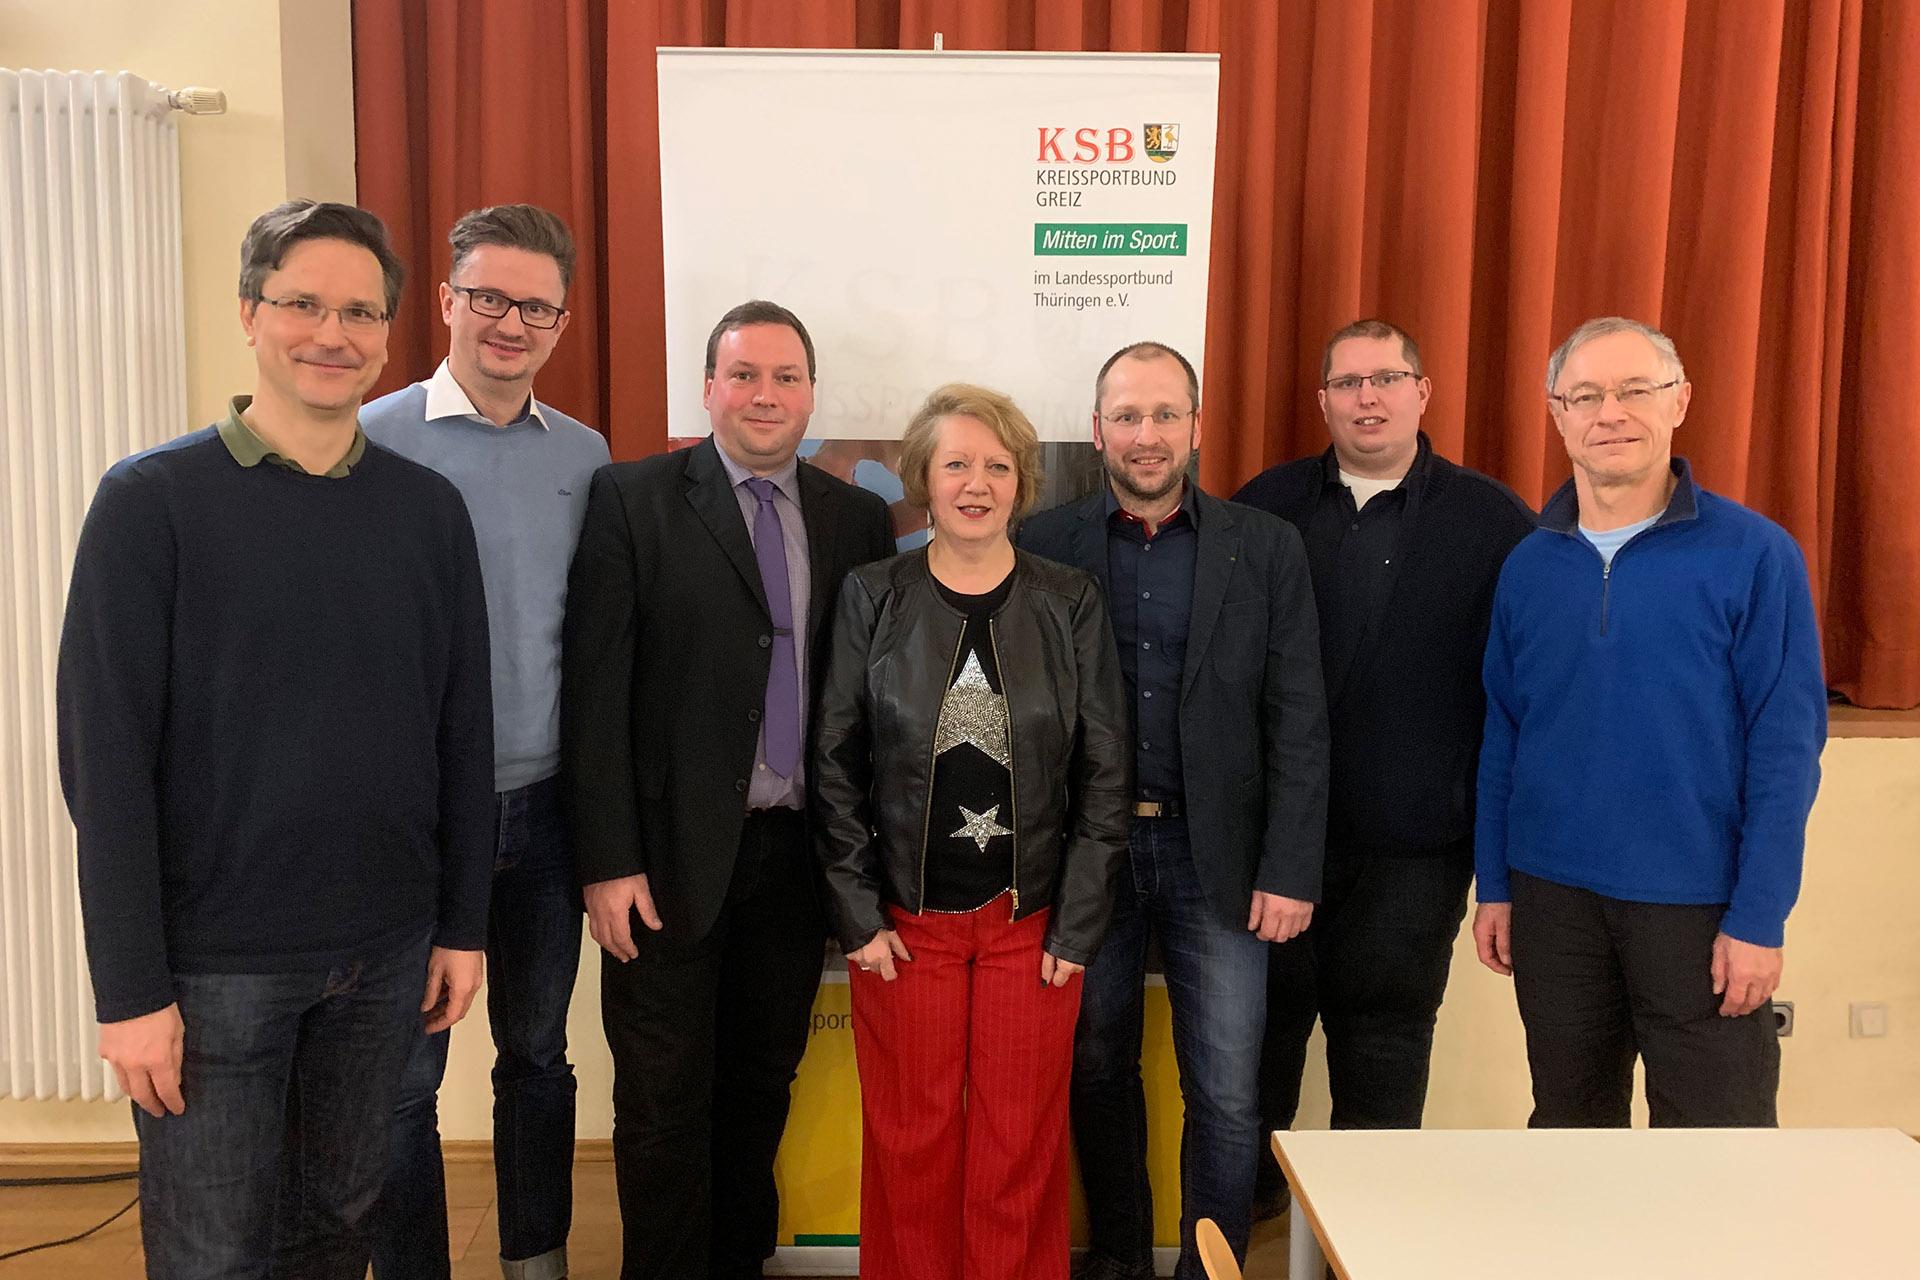 Jan Koschinsky wird neuer Vorsitzender des Kreissportbundes Greiz